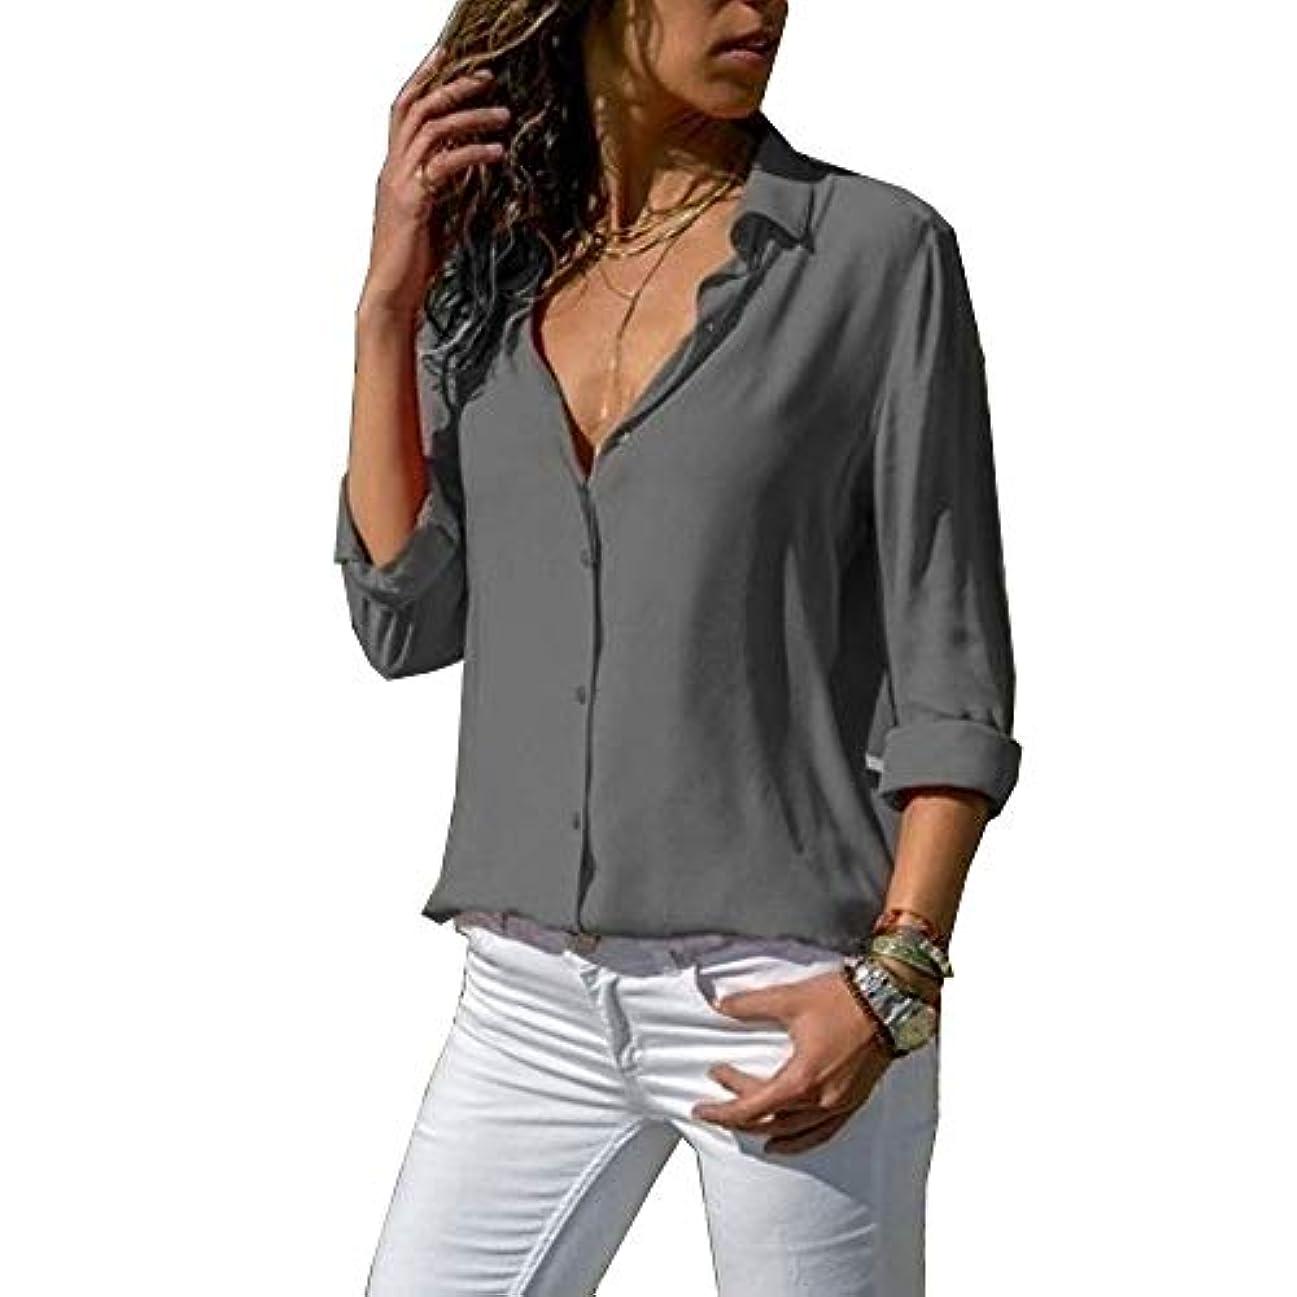 バーマド交換可能持参MIFAN ルーズシャツ、トップス&Tシャツ、プラスサイズ、トップス&ブラウス、シフォンブラウス、女性トップス、シフォンシャツ